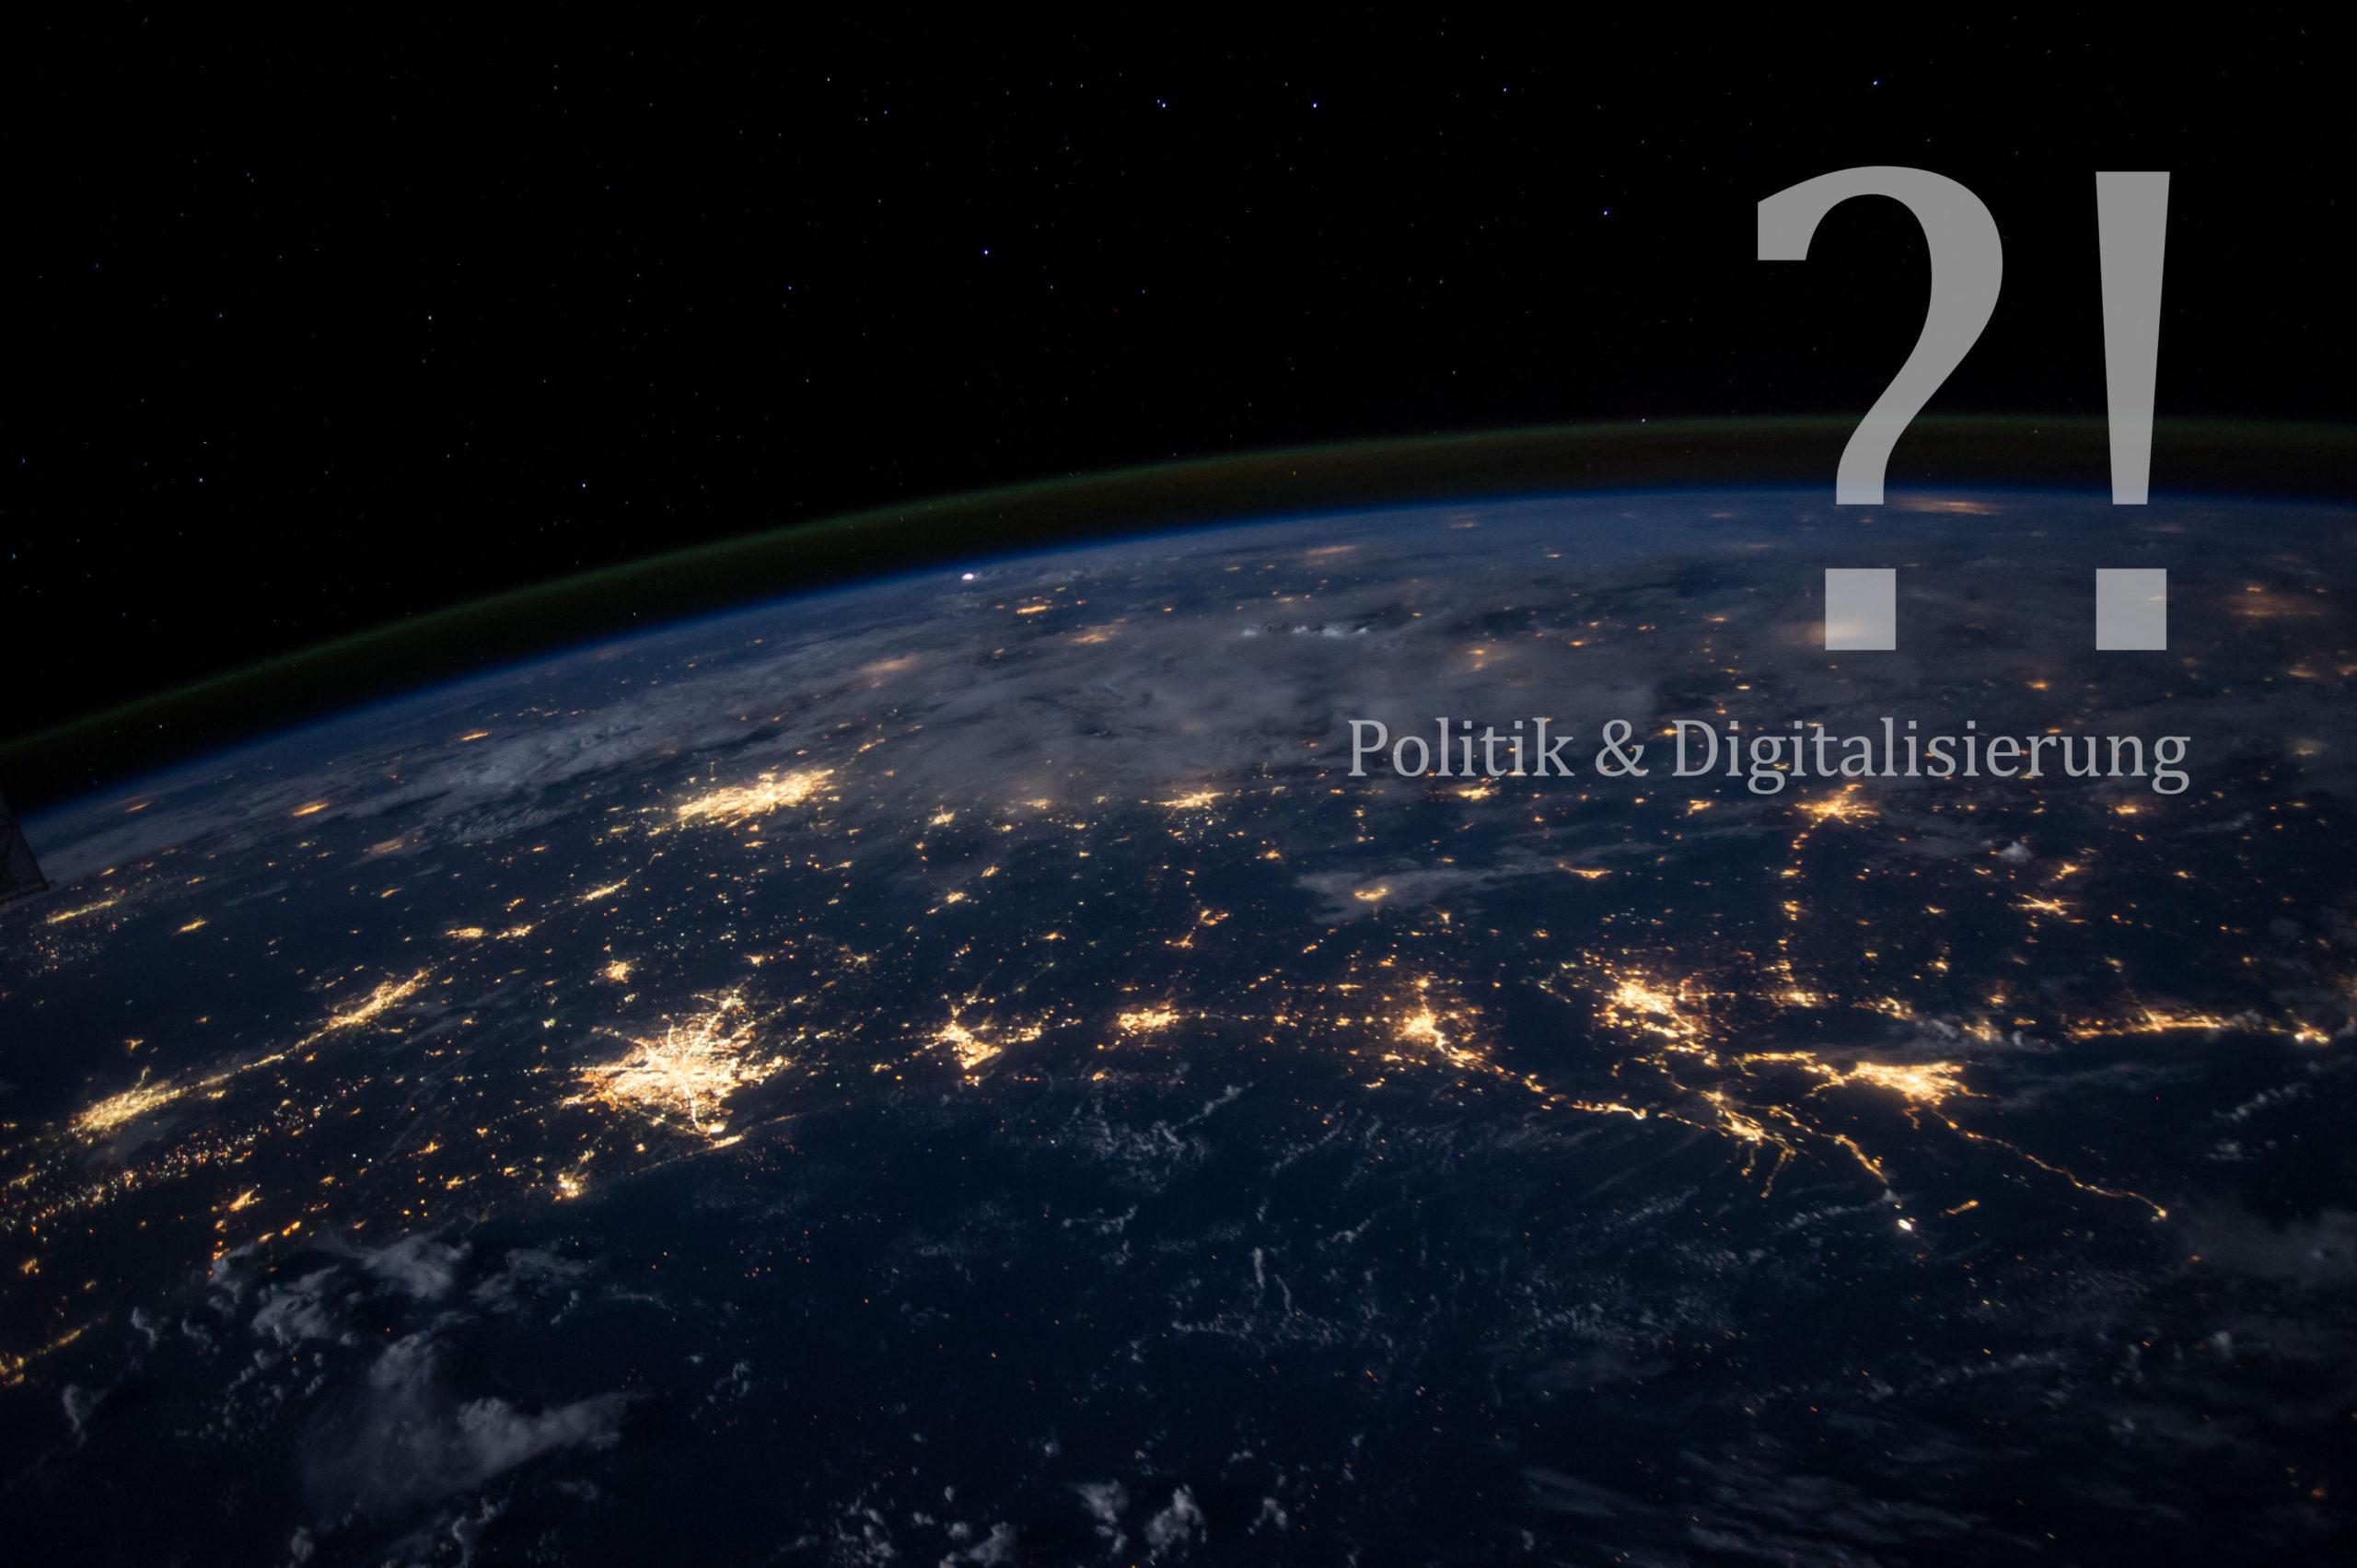 Politik und Digitalisierung, digitales Zeitalter